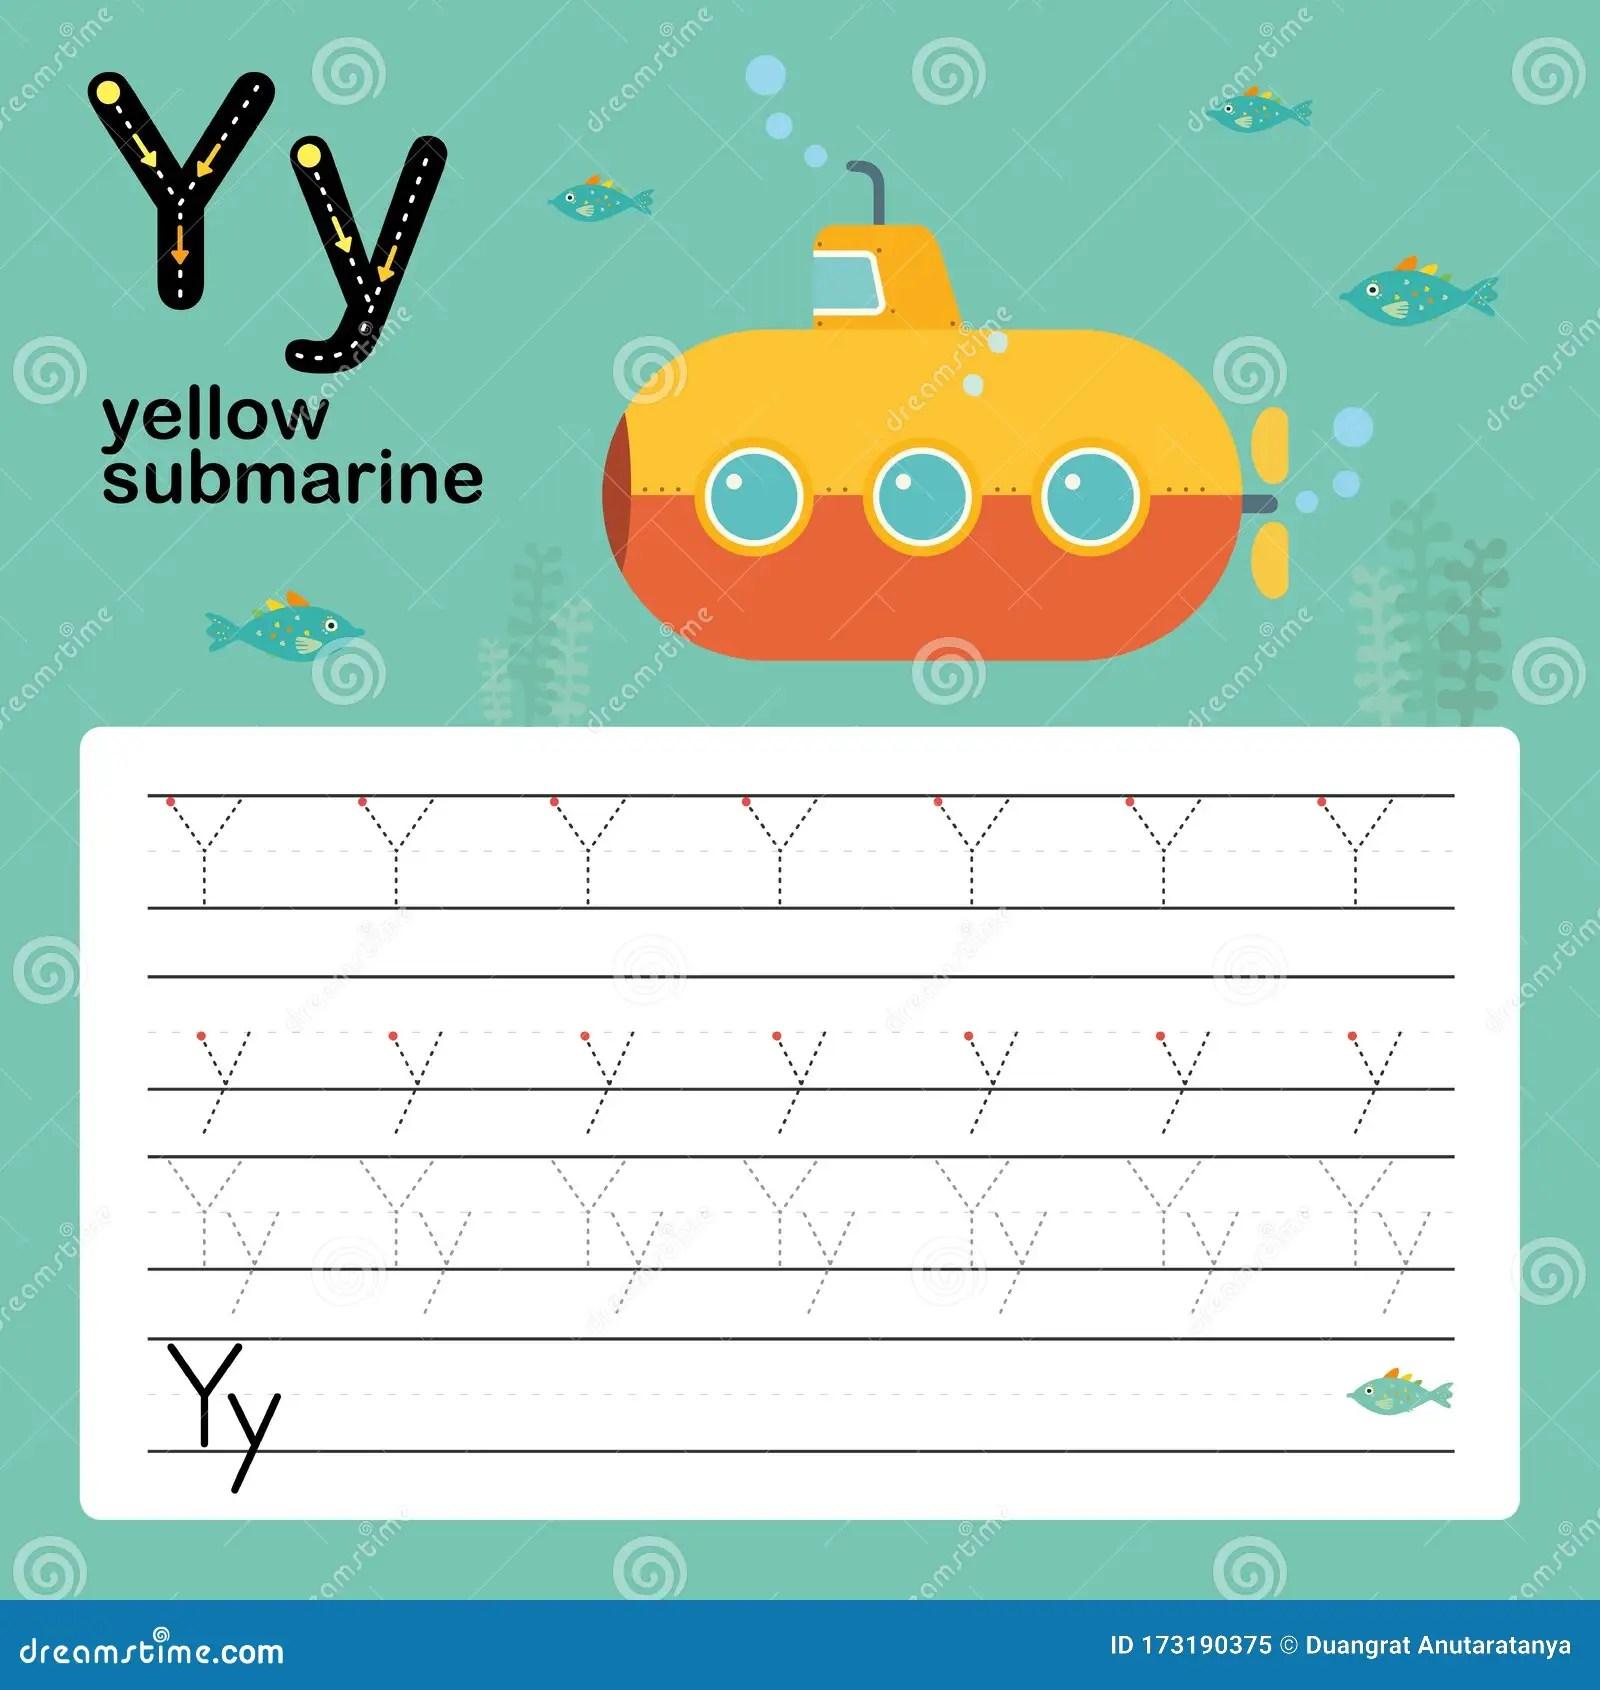 Alphabet Tracing Worksheet For Preschool And Kindergarten